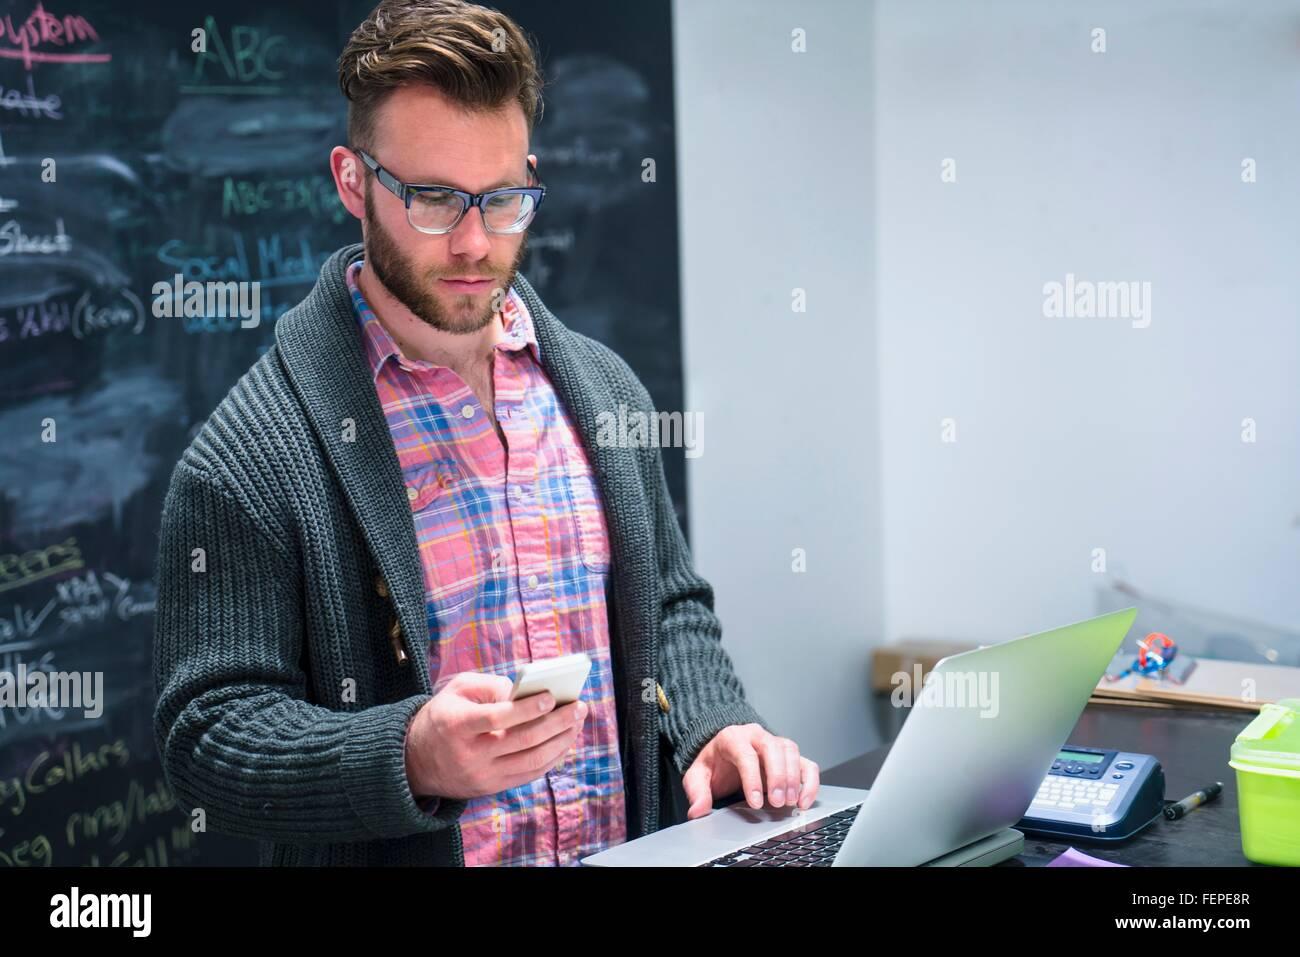 Giovane Uomo nel posto di lavoro utilizzando laptop guardando smartphone Immagini Stock